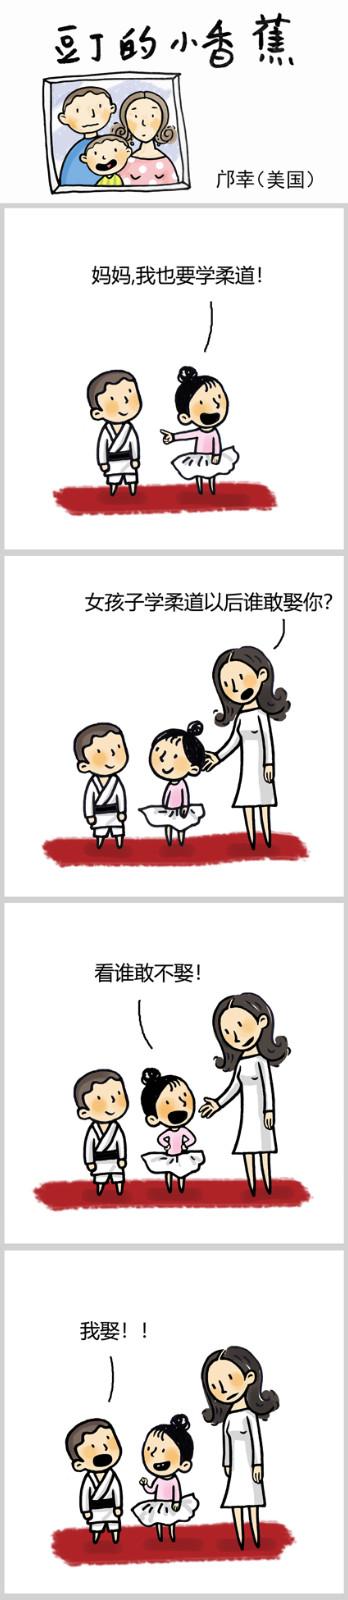 【邝幸漫畫】《小香蕉》目的达成_图1-1